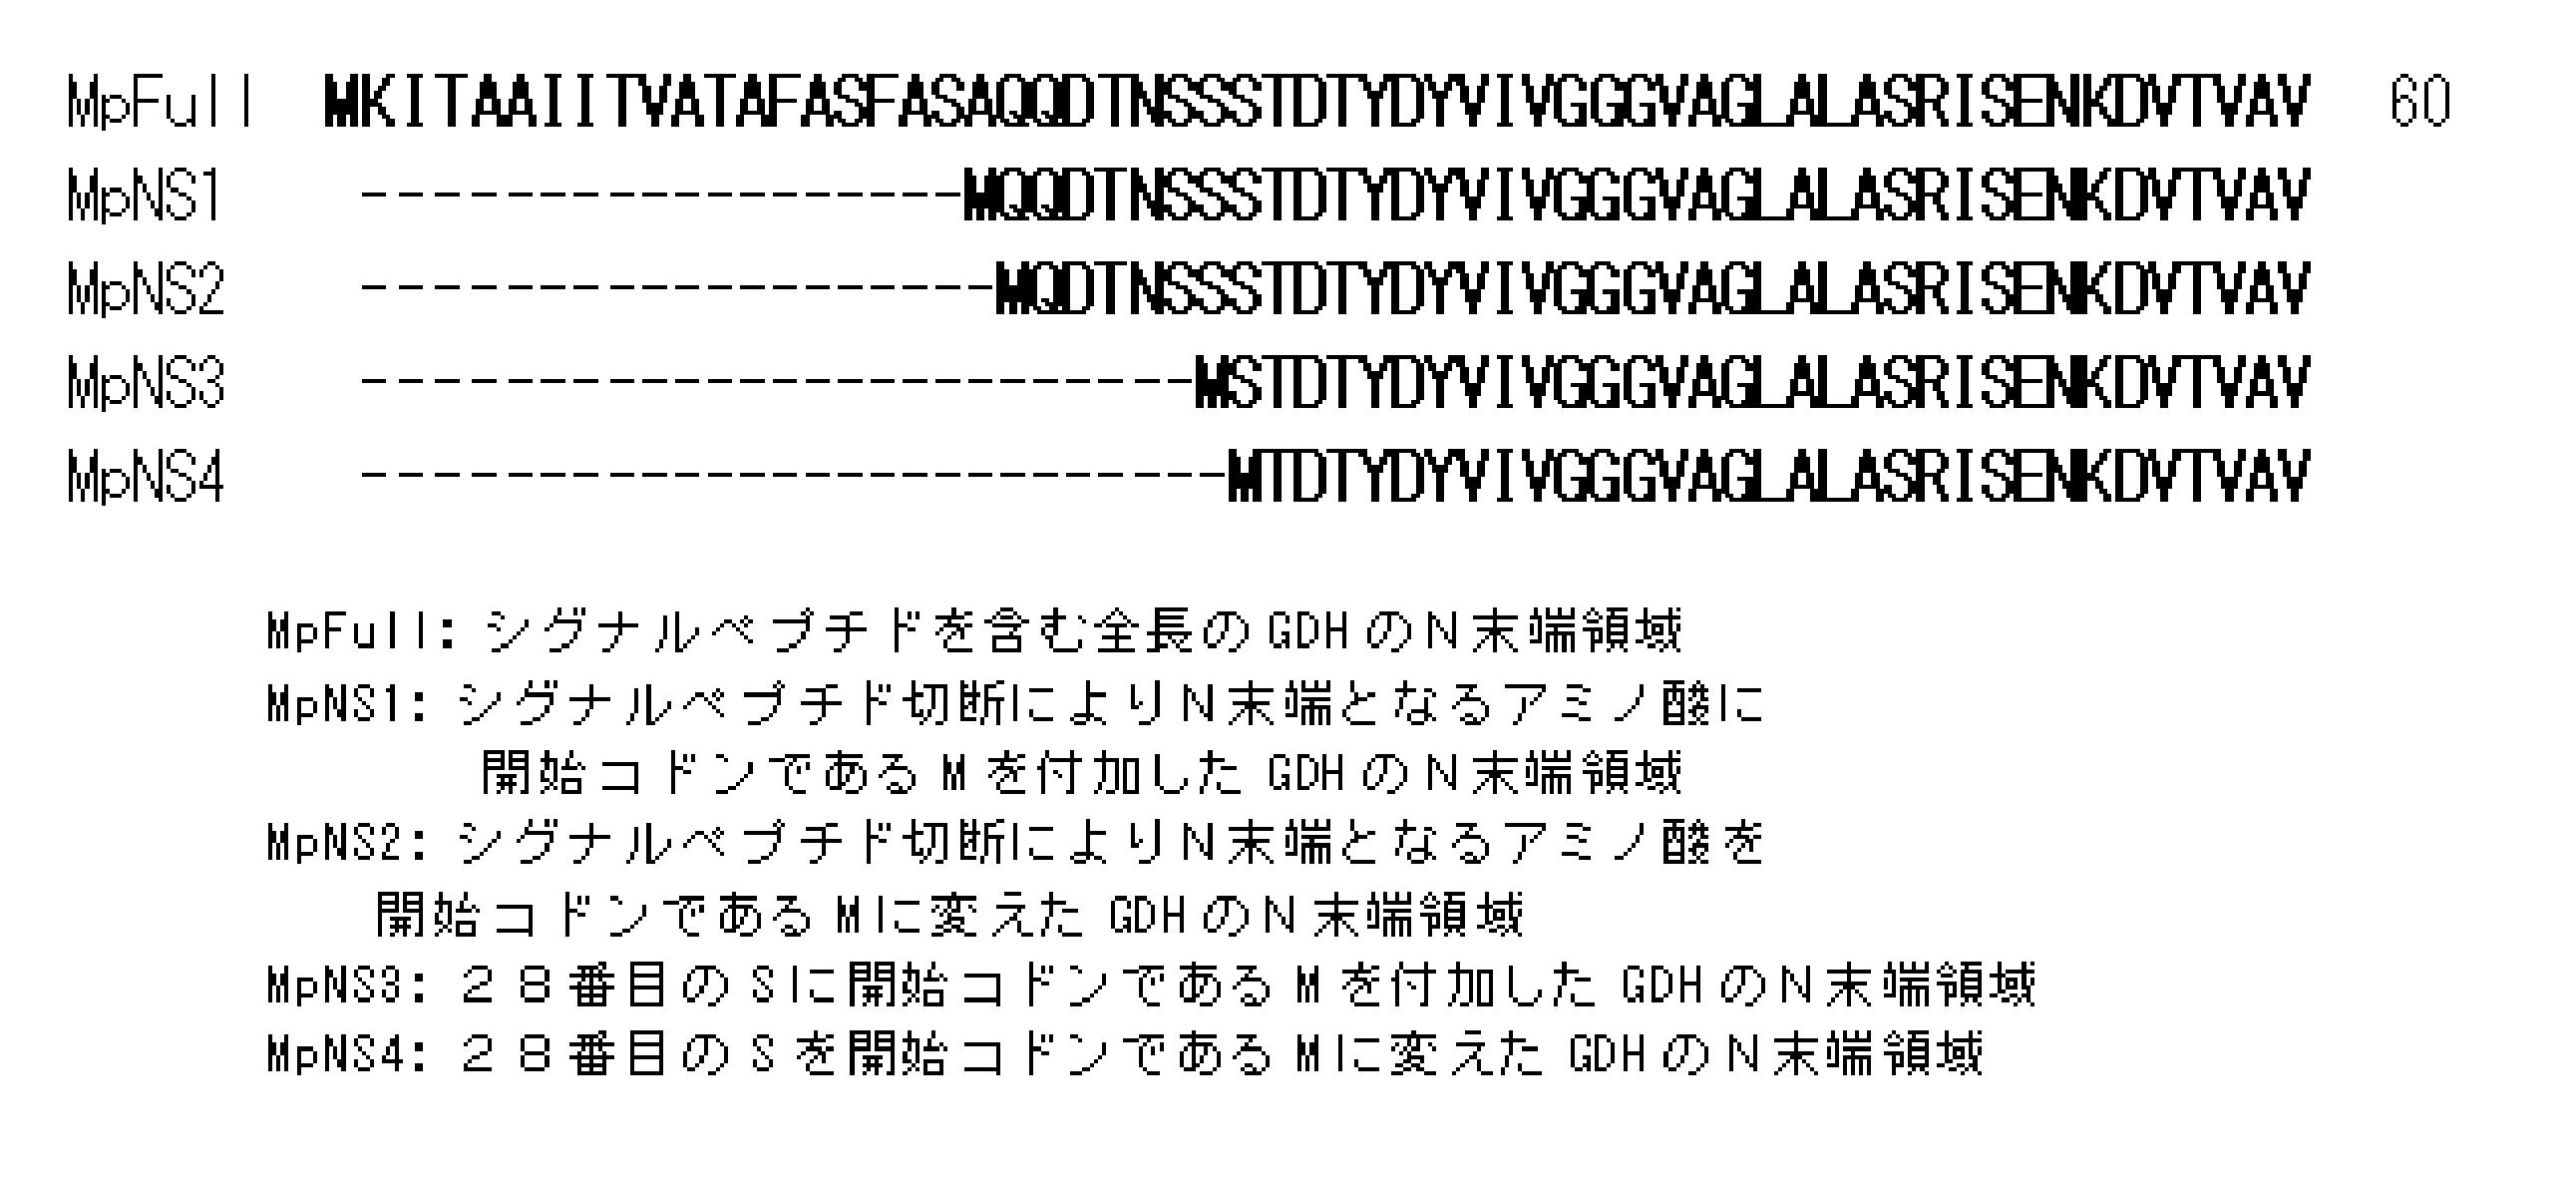 WO2012073987A1 - 大腸菌形質転換体、それを用いたフラビン結合型グルコースデヒドロゲナーゼの製造方法、および、変異型フラビン結合型グルコースデヒドロゲナーゼ         - Google PatentsFamily